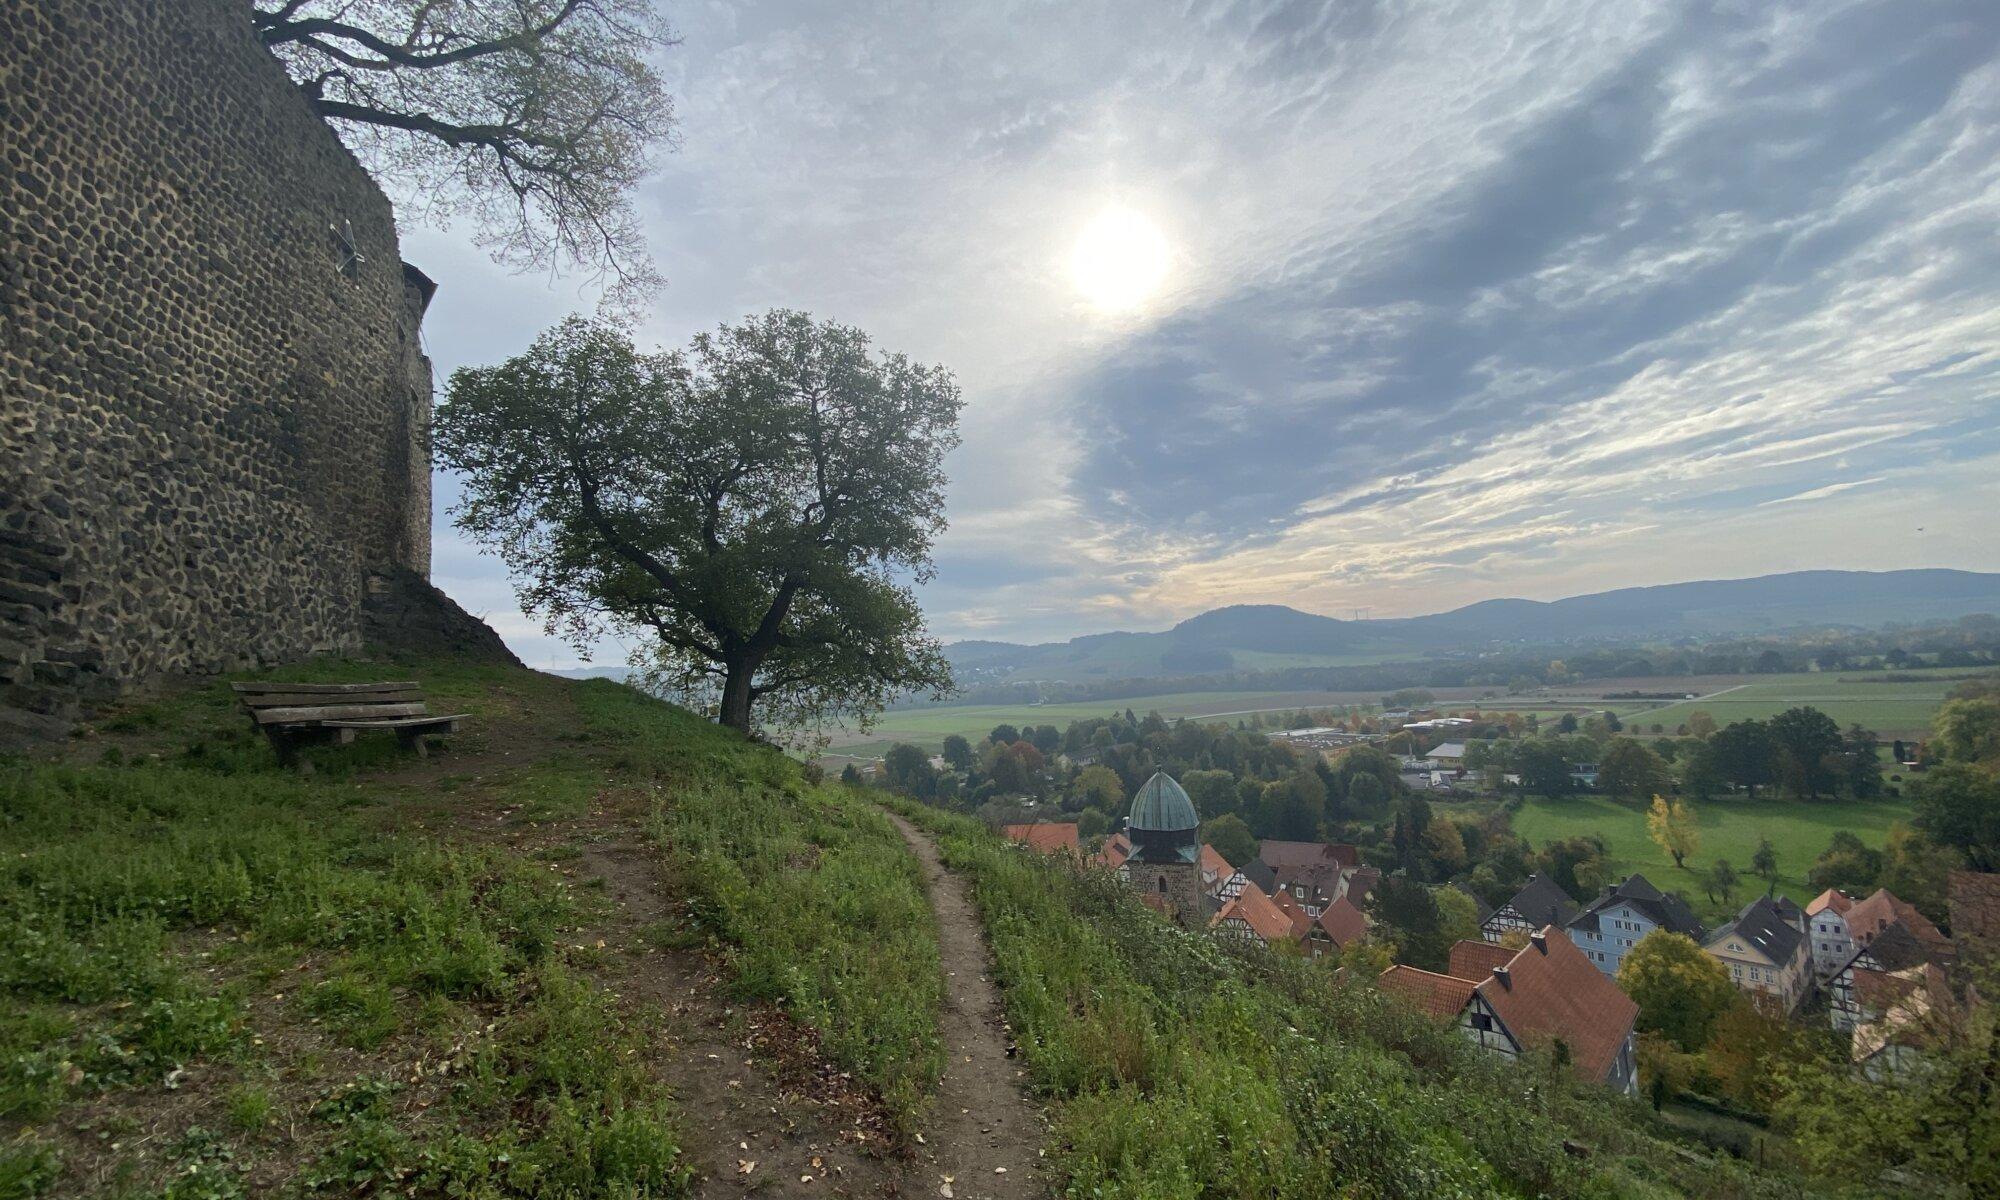 Felsburg, Felsberg